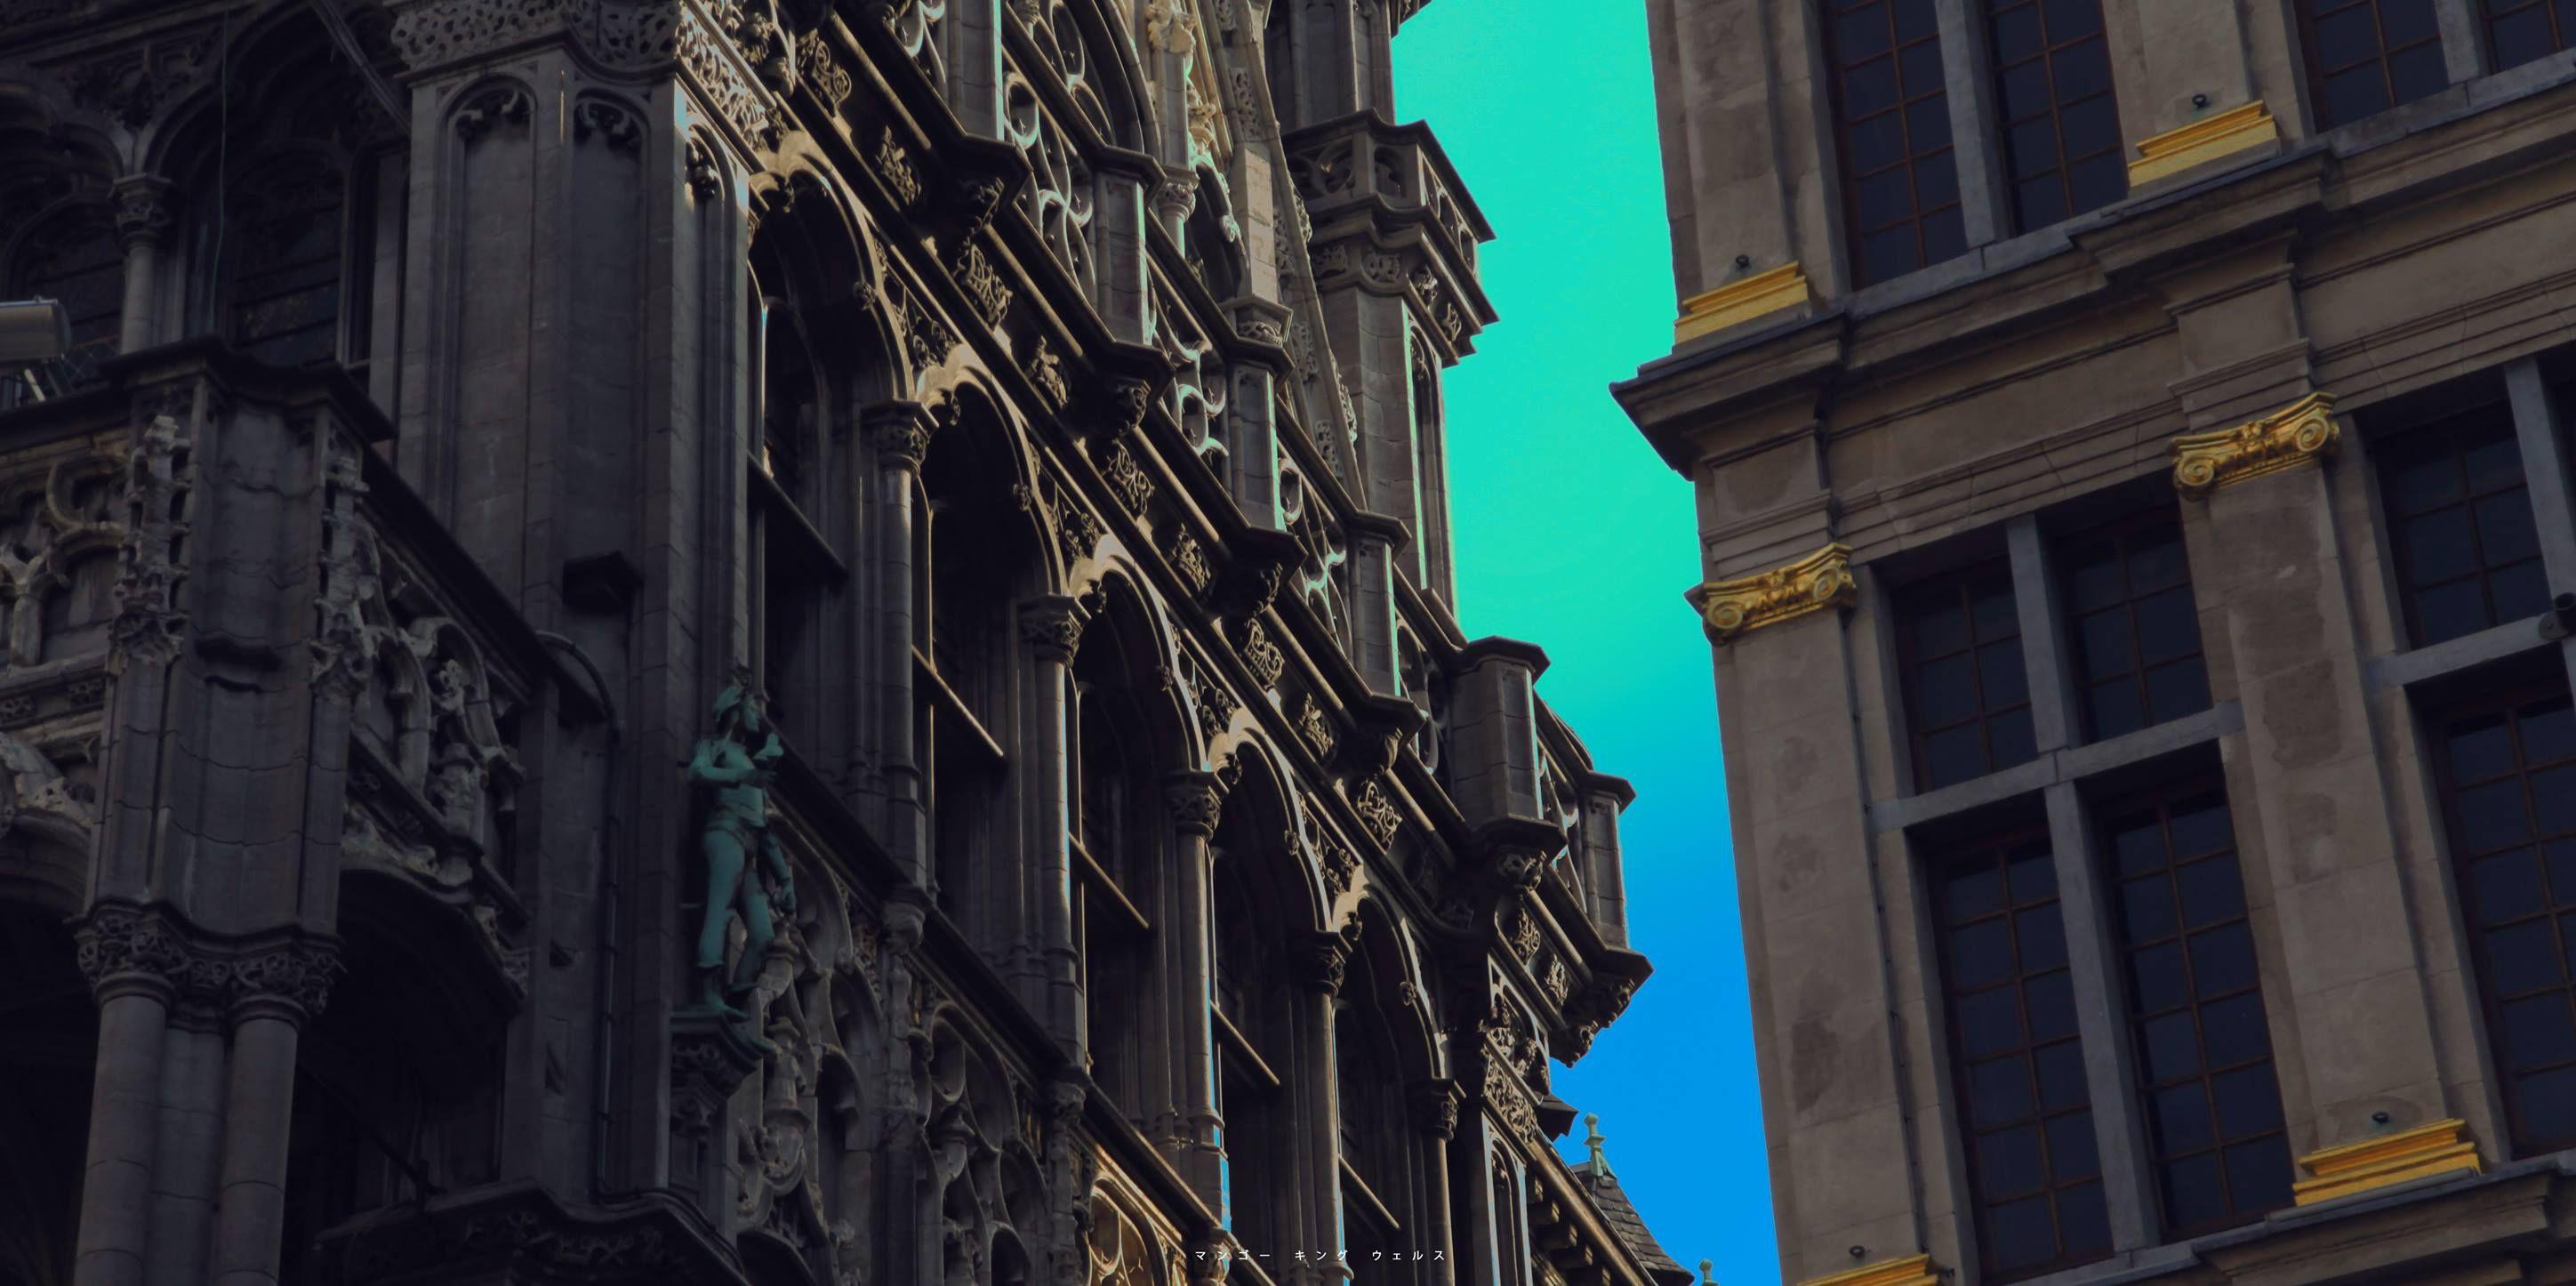 ©マンゴー キング ウェルス Brussels photo